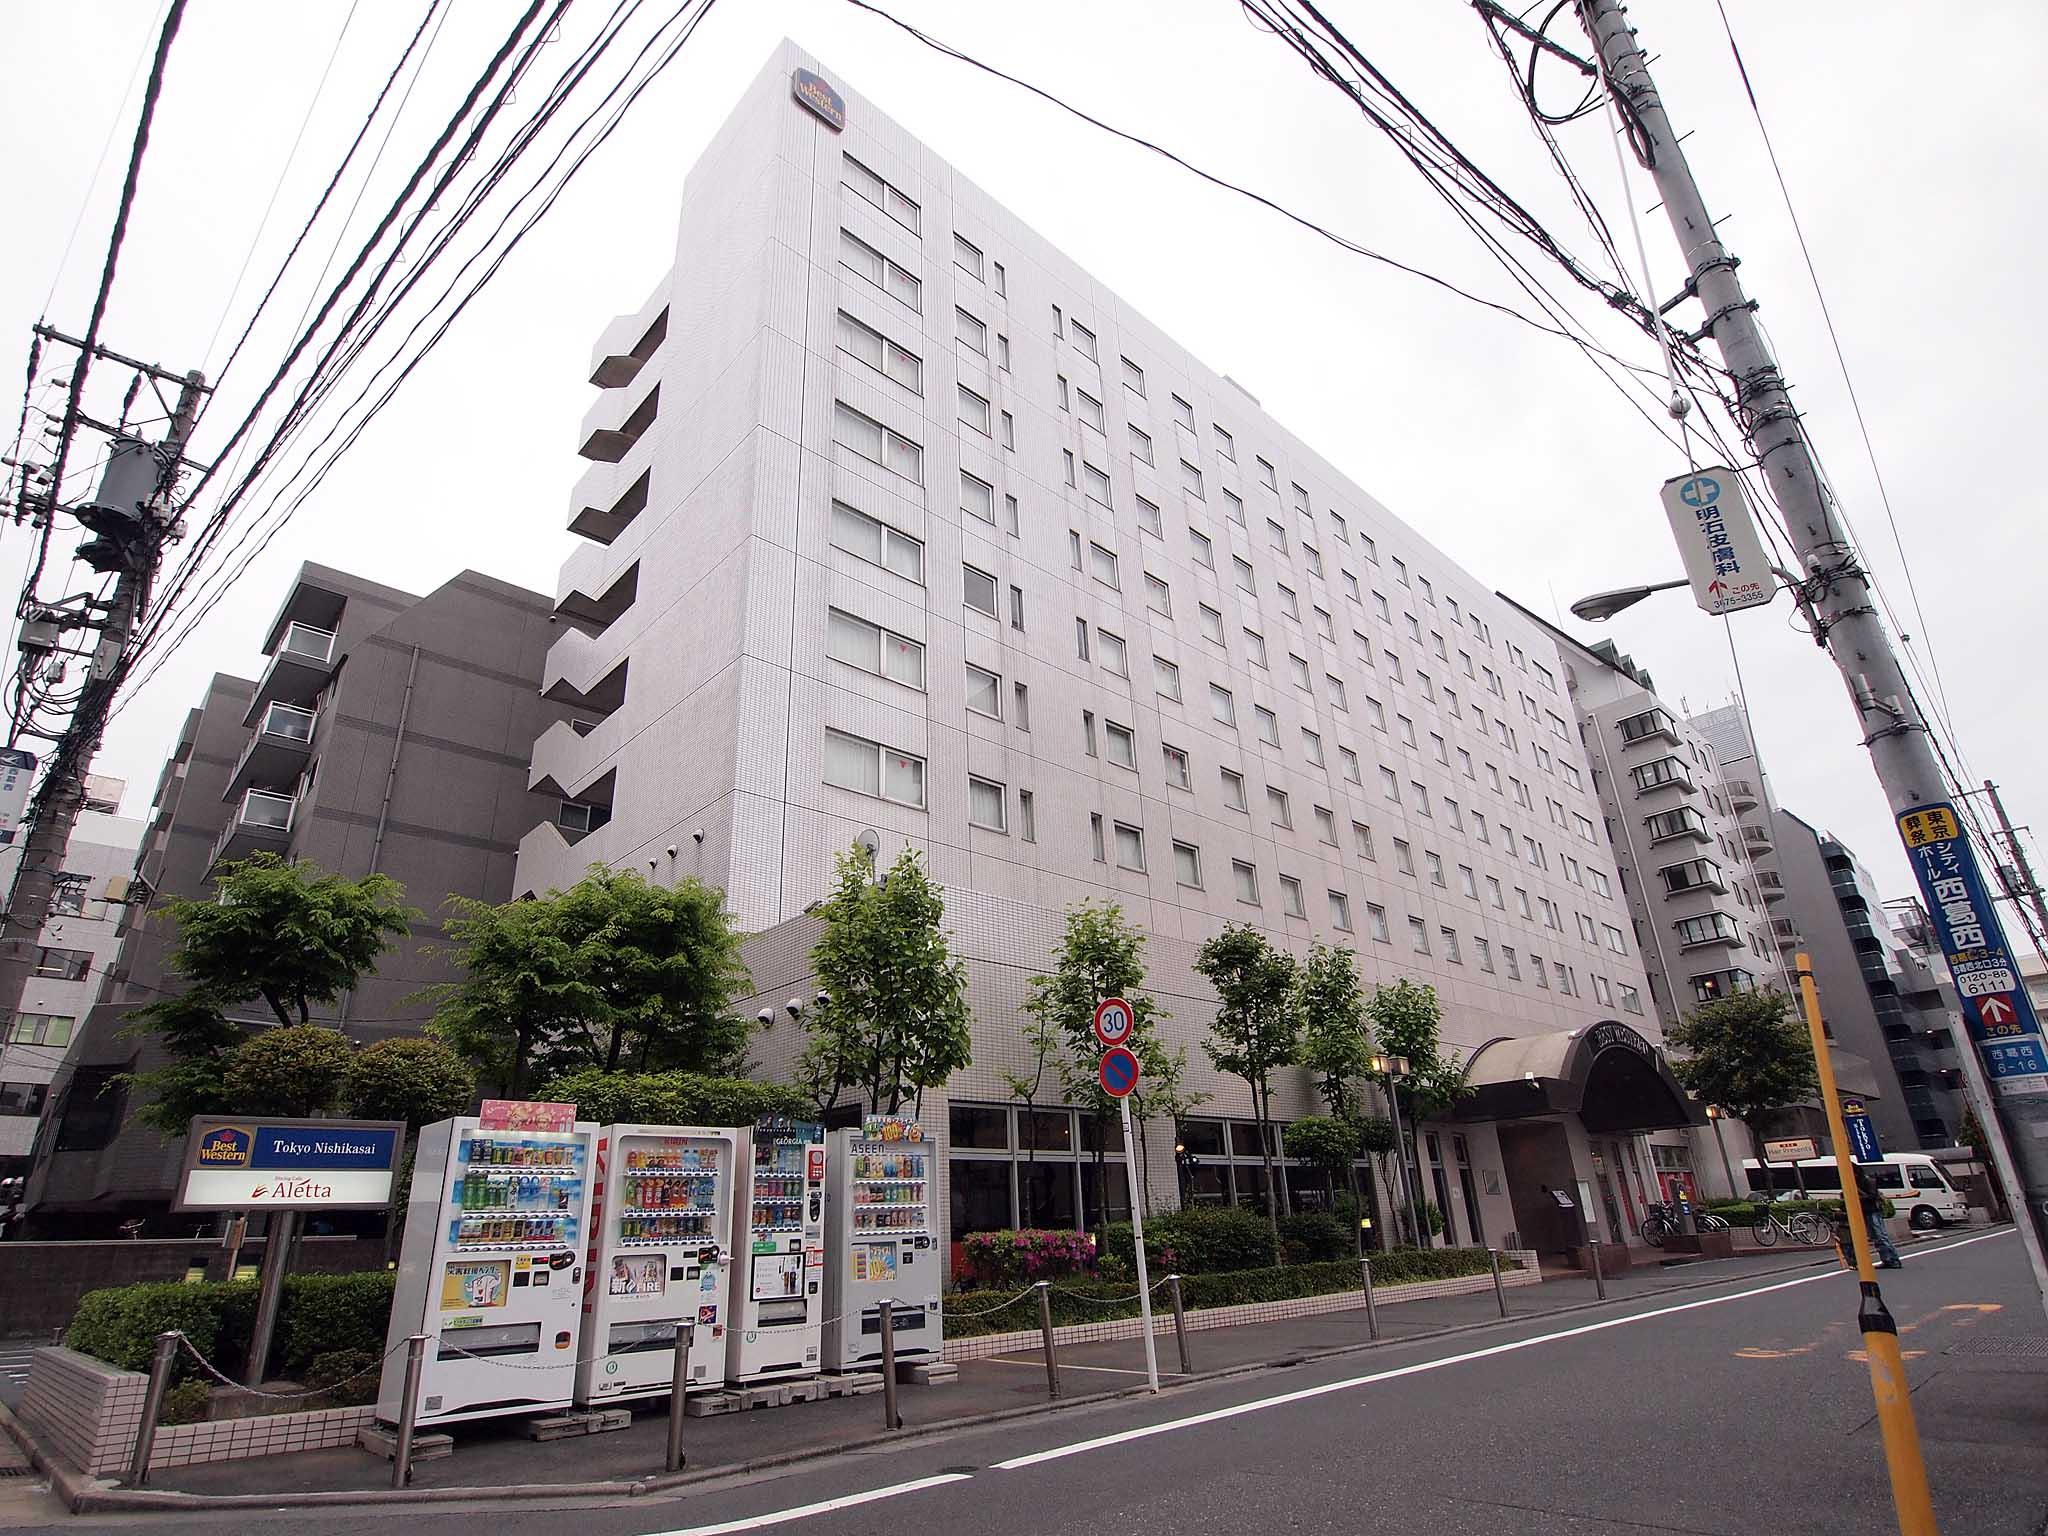 目撃 平手友梨奈 欅坂46マンション寮の住所が西葛西に特定も、引っ越して一人暮らし?